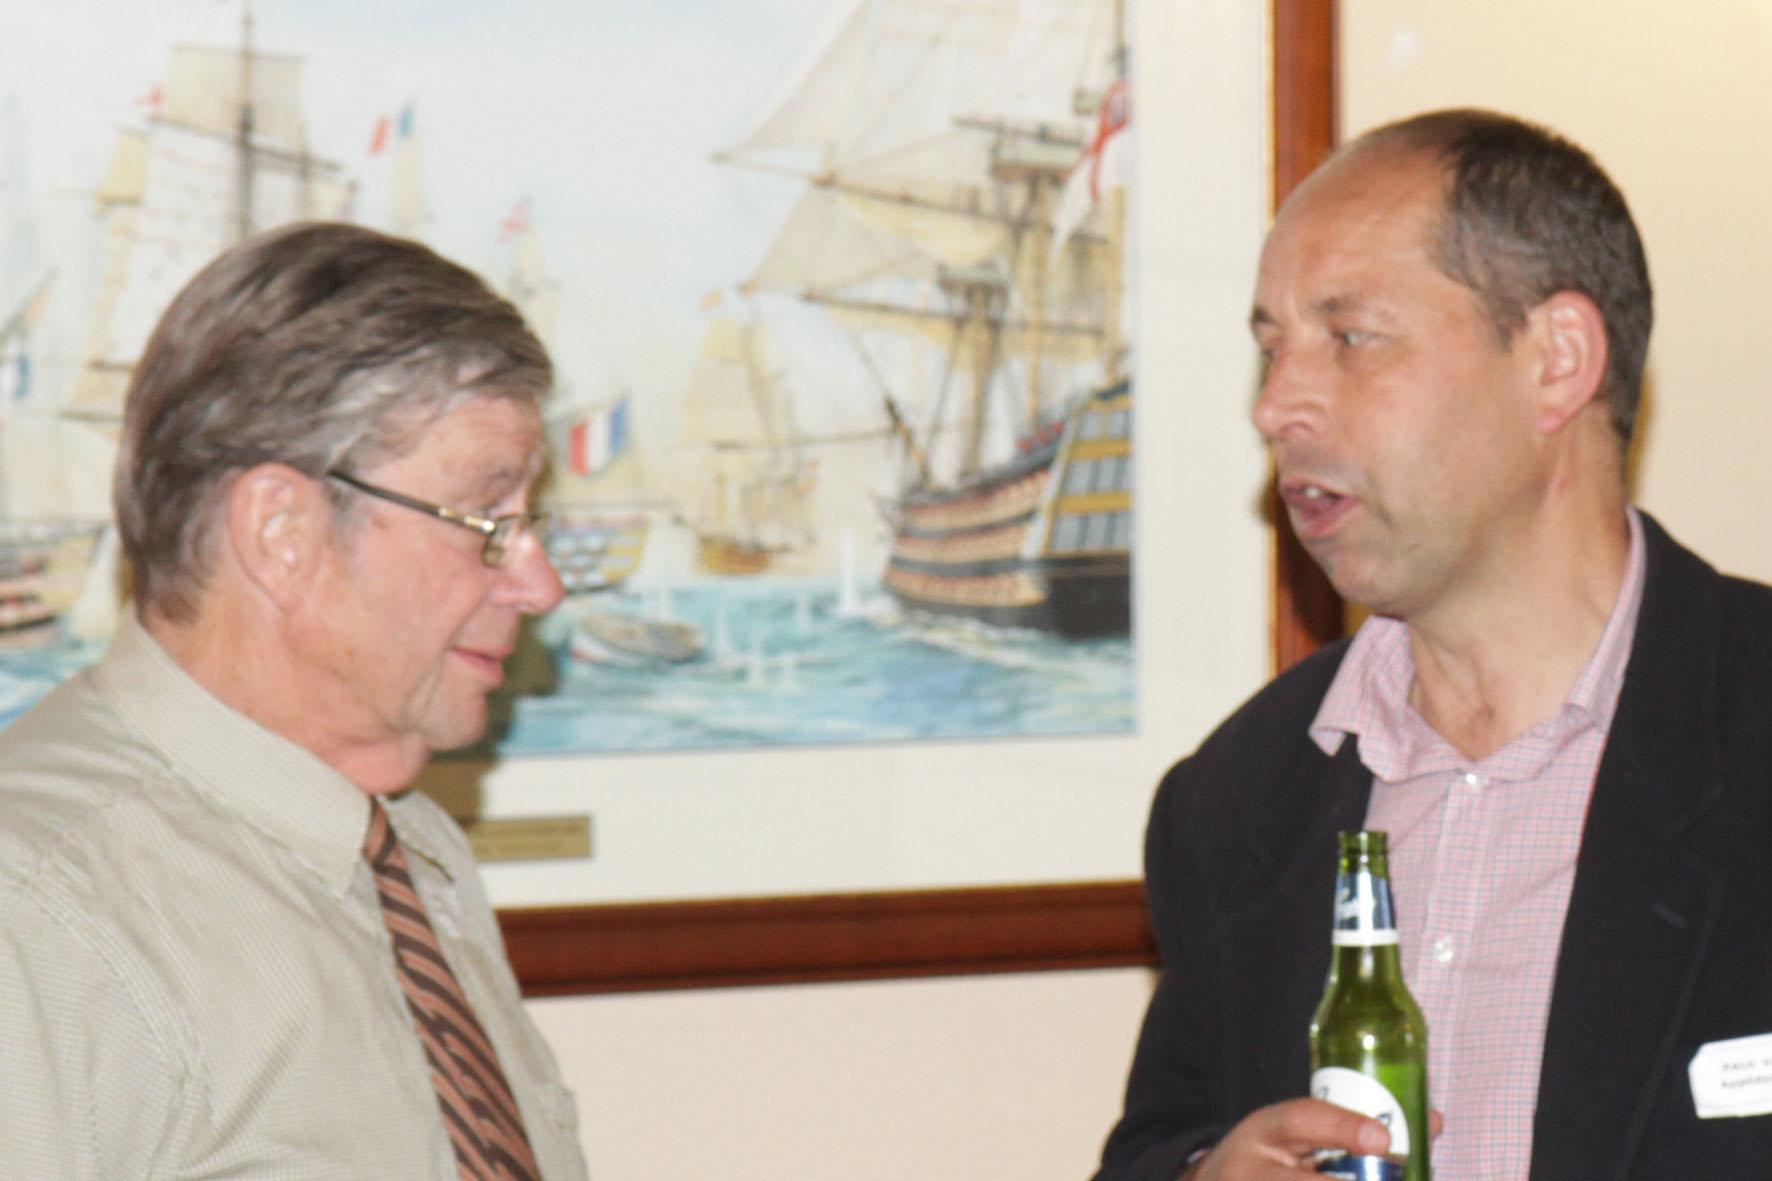 John Brooks (left) and Paul van de Loo (right)